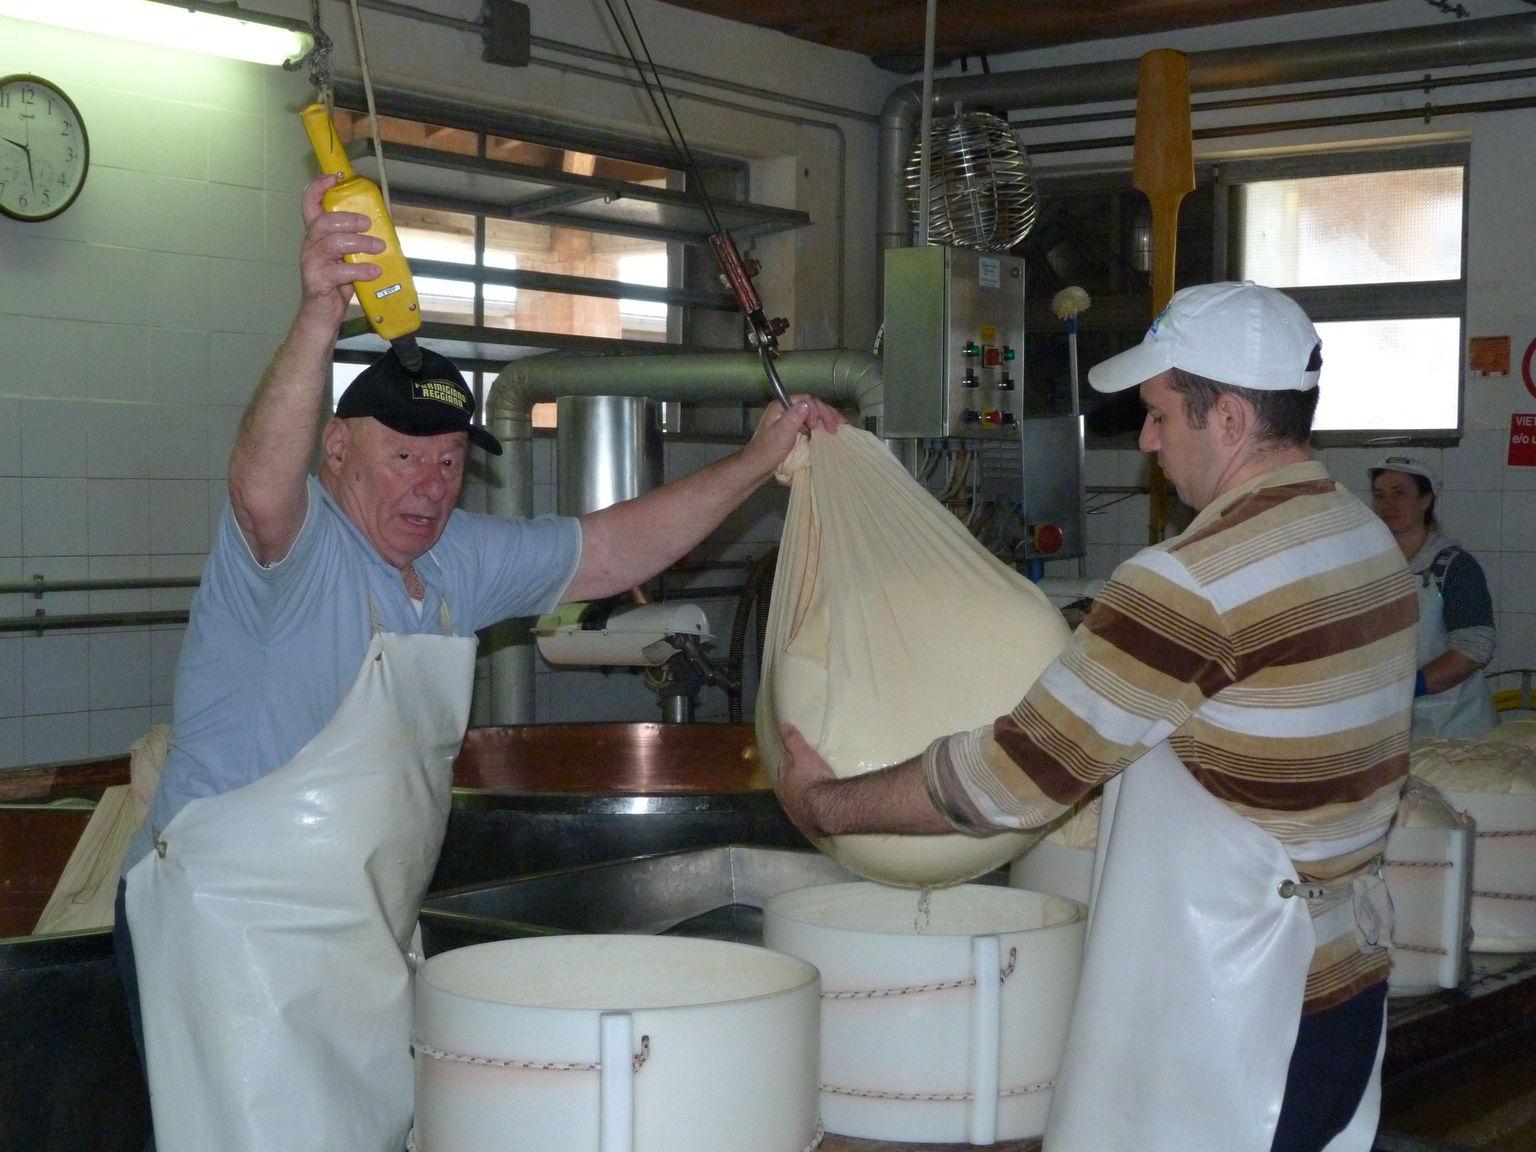 MÁS FOTOS, Half Day Parma Food Tour: Parmesan Cheese, Parma Ham, Lunch